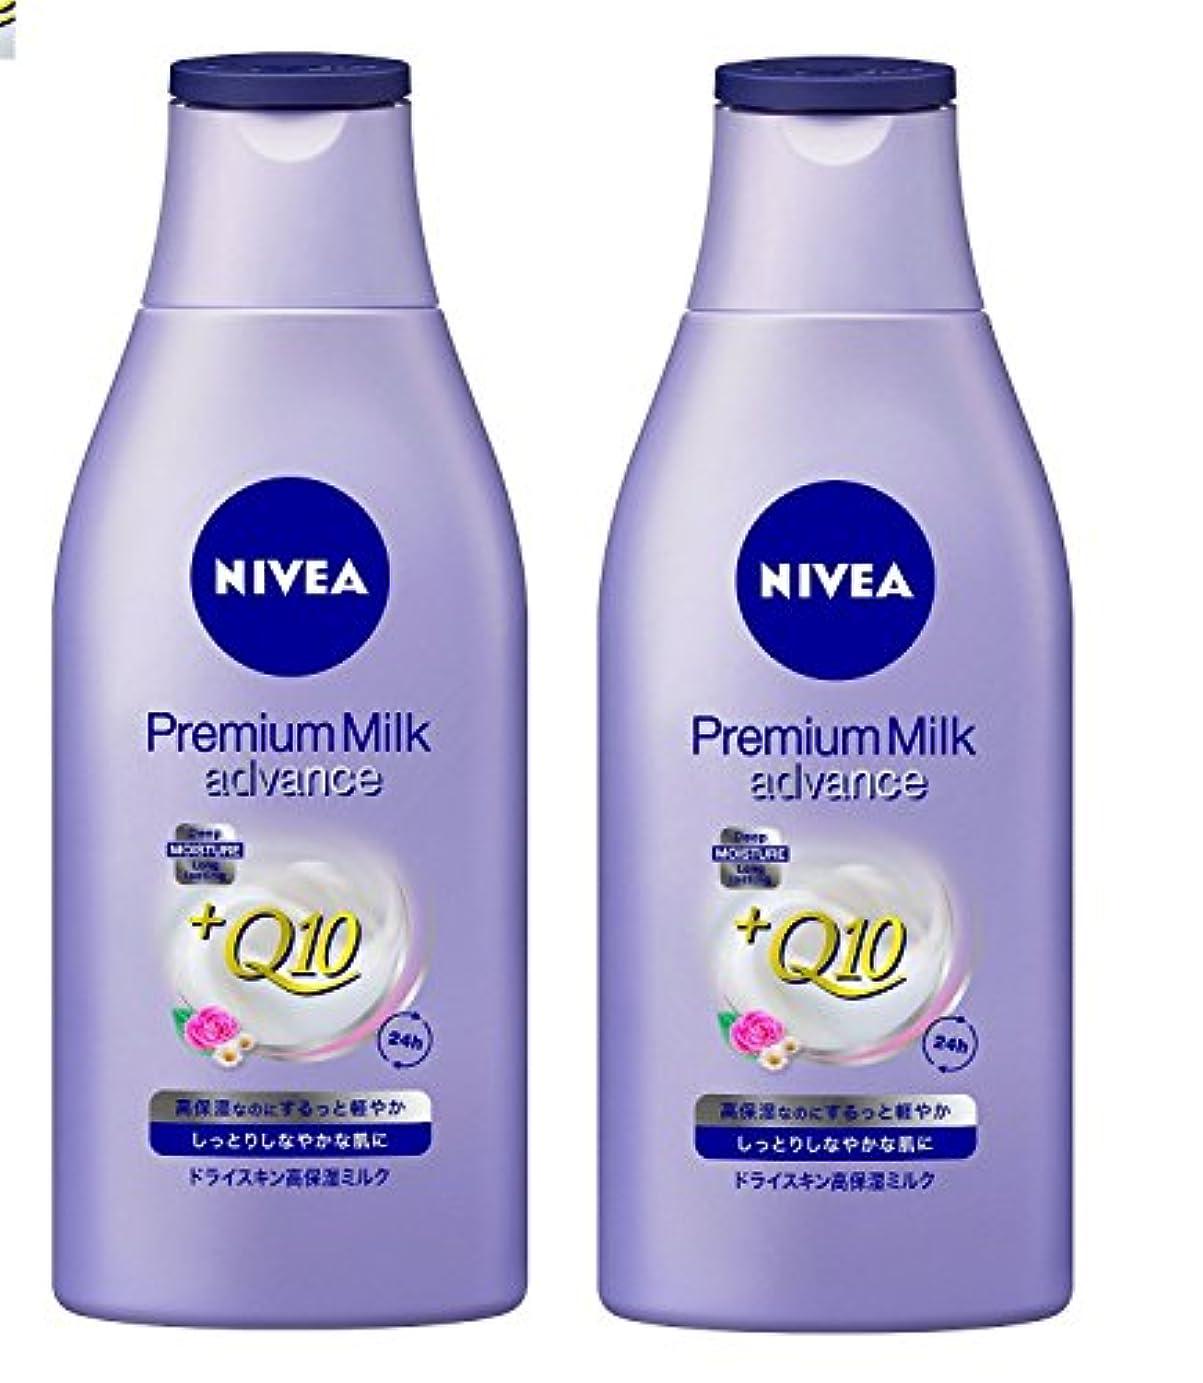 ペット新しい意味教2個セット ニベア プレミアム ボディミルク アドバンス 200g×2